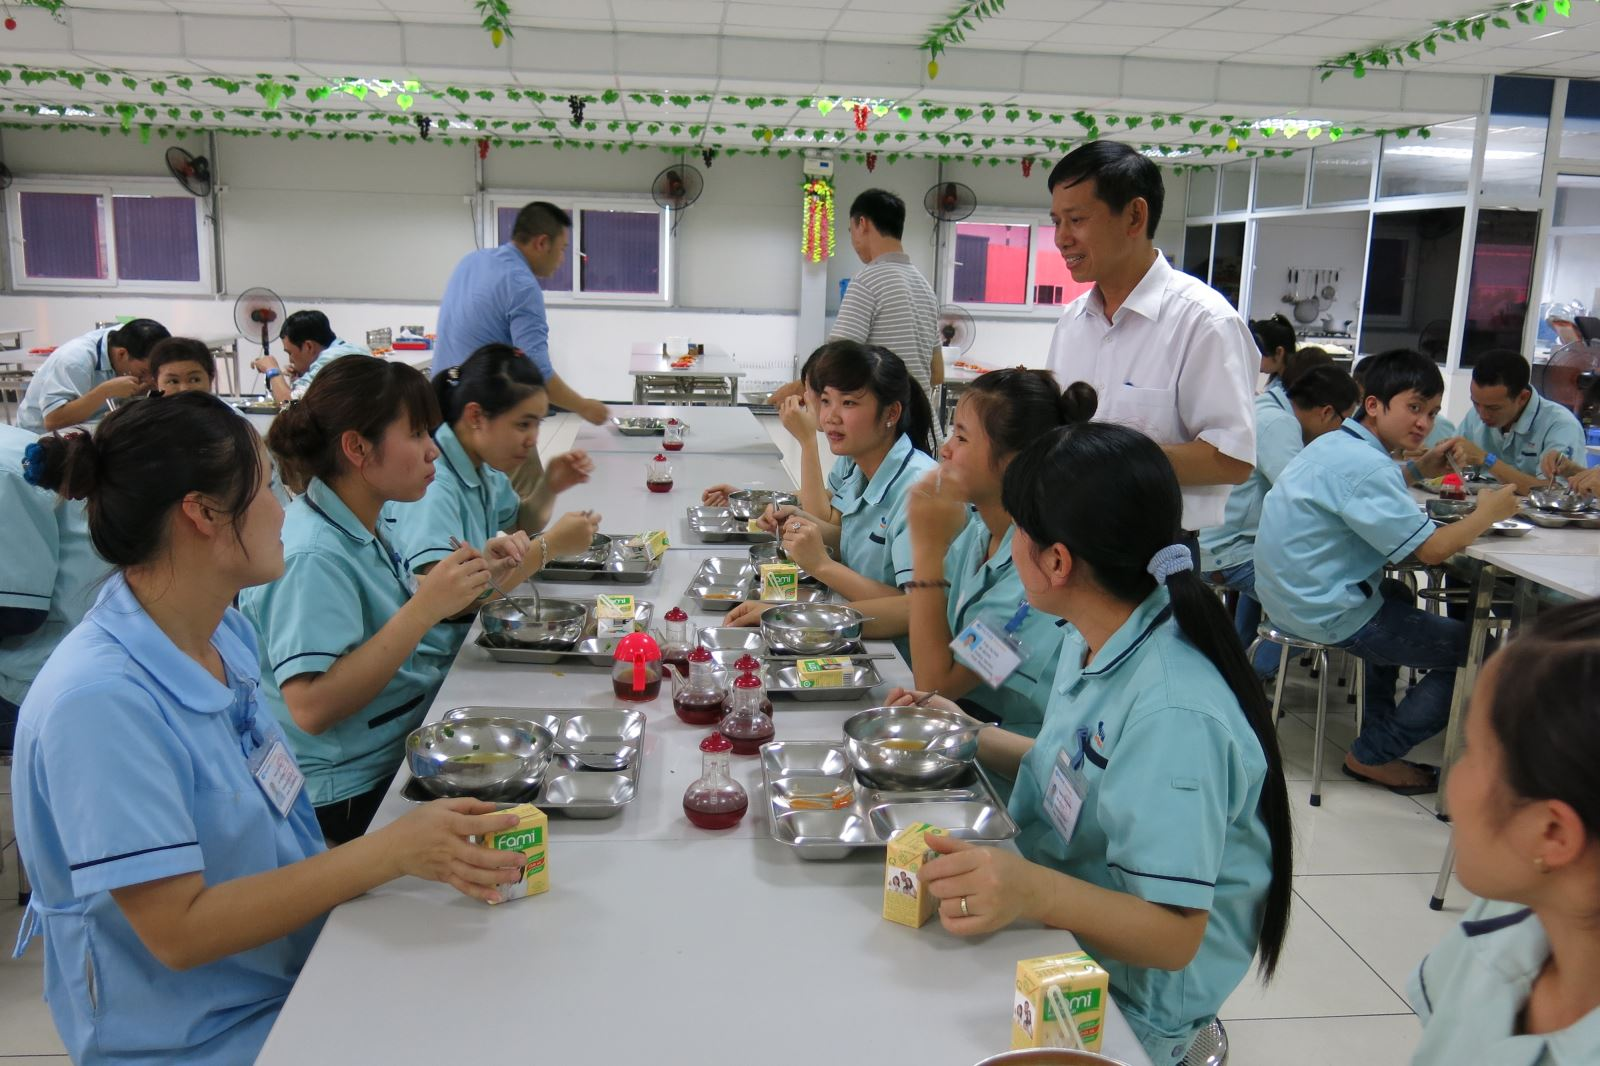 Cải thiện bữa ăn giữa ca- giúp người lao động gắn kết với doanh nghiệp  (02/9/2017)